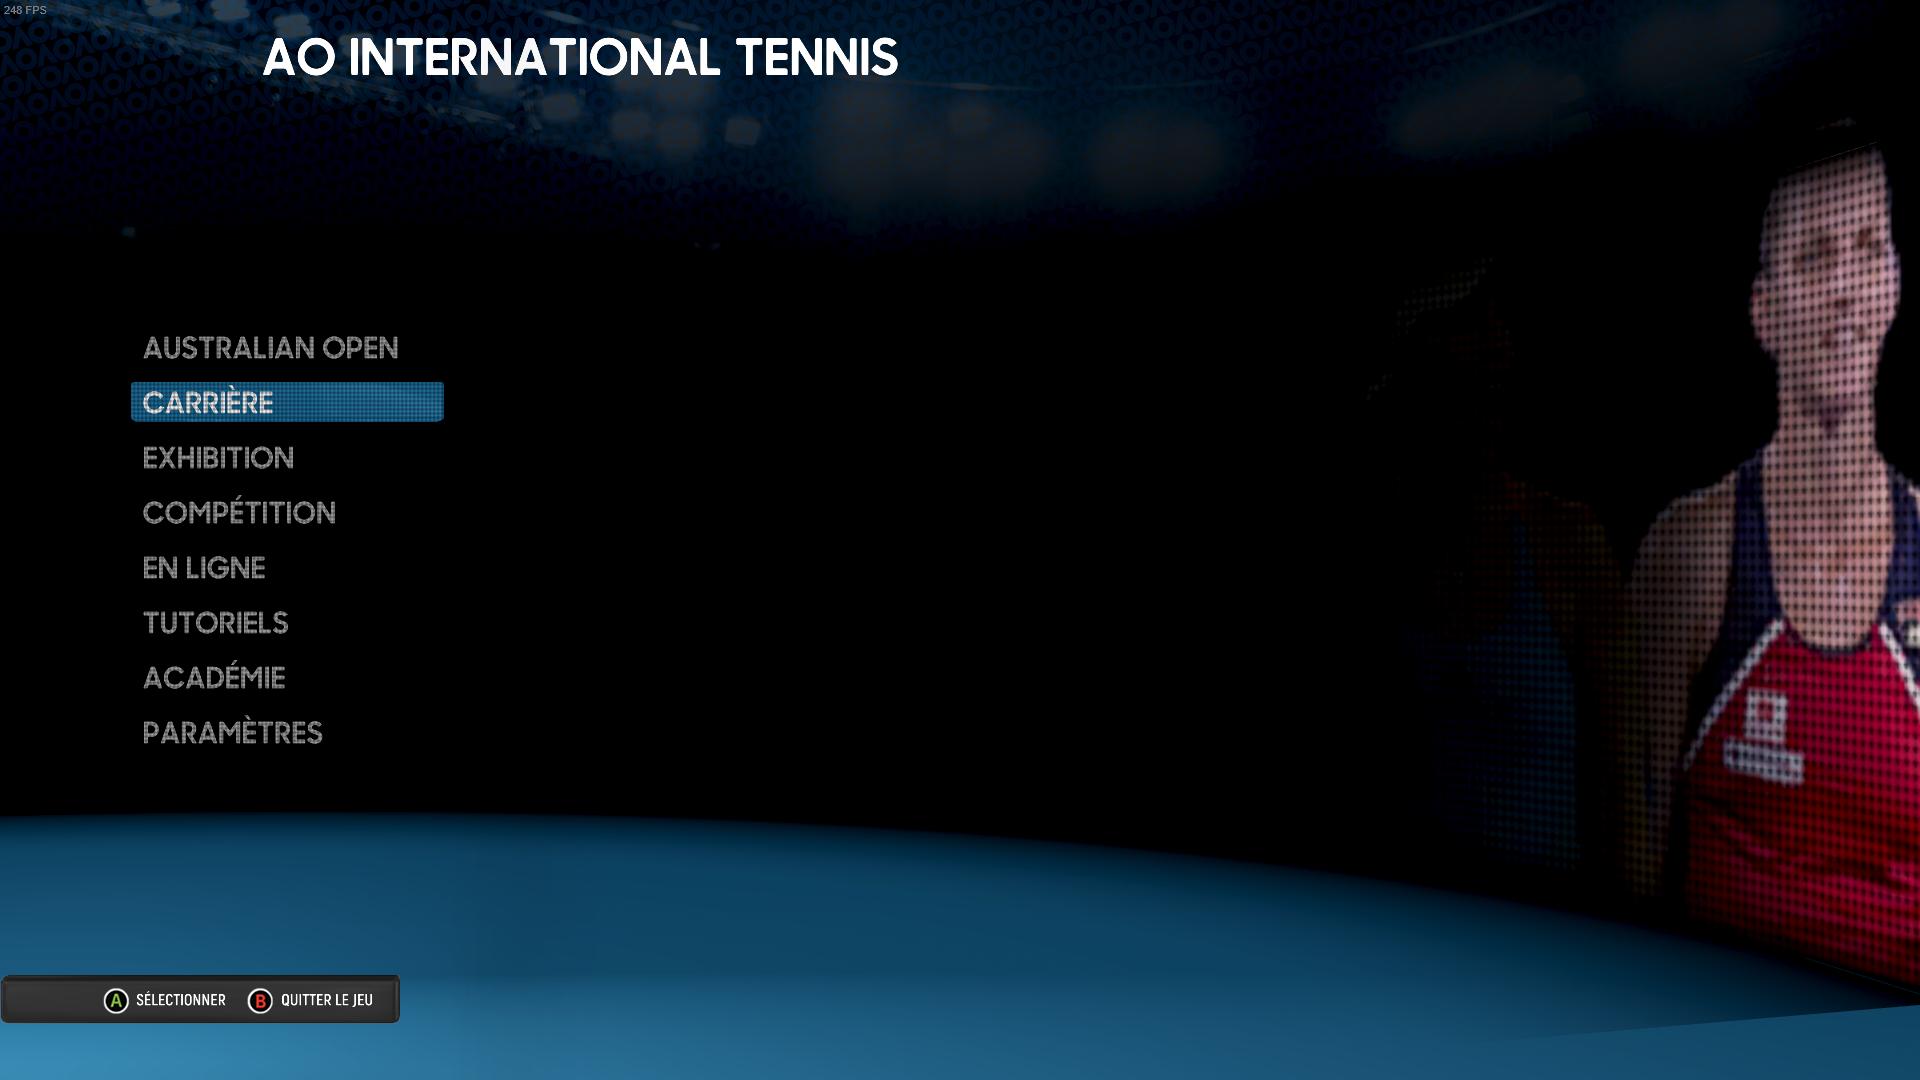 Tennis World Tour - Test Croisé D'ao International Tennis Et intérieur Jeux A Deux En Ligne